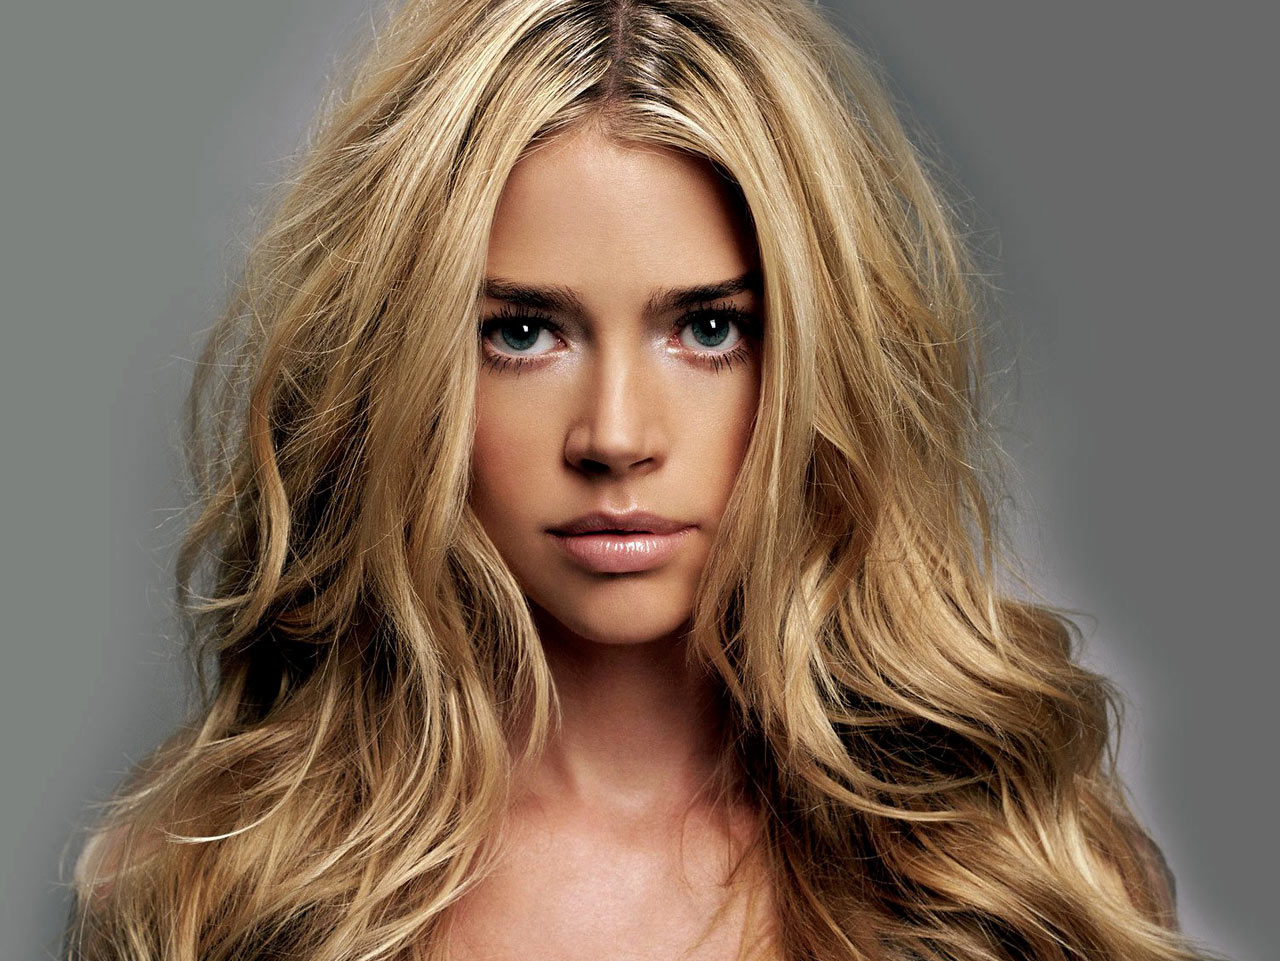 La mujer con la cara más bella del mundo..... matemáticamente